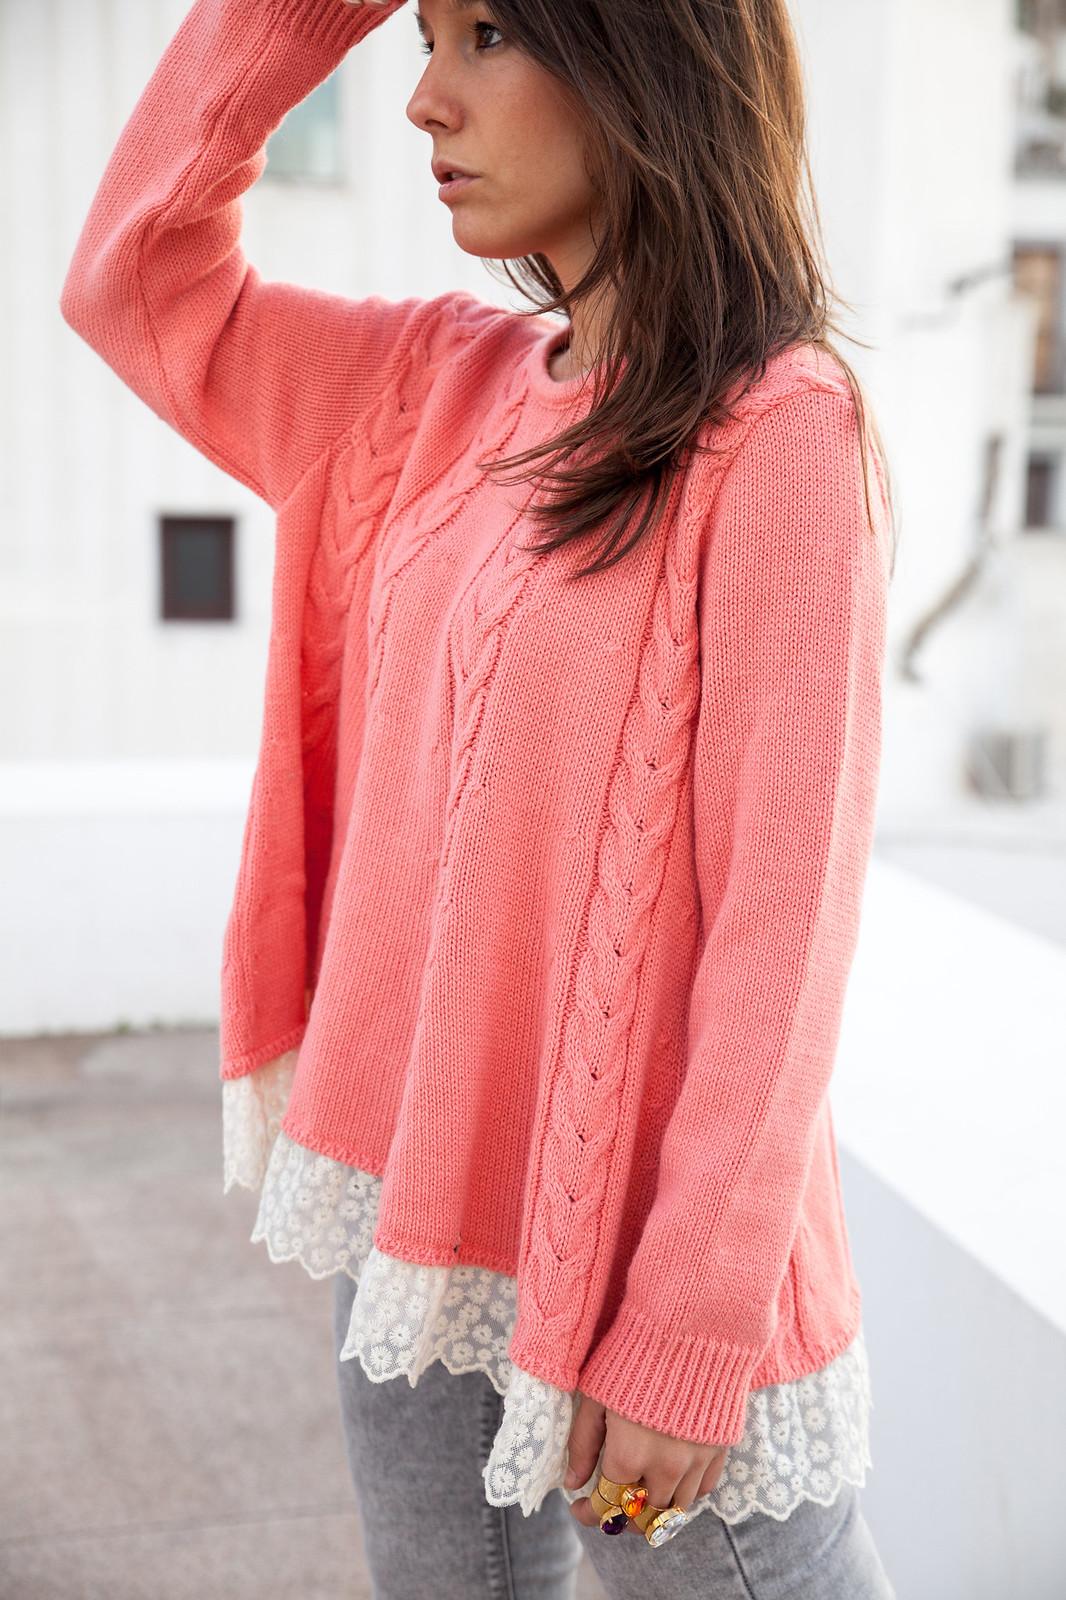 como combinar jersey de punto rosa theguestgirl influencer ibiza spain barcelona sexy influencer spain